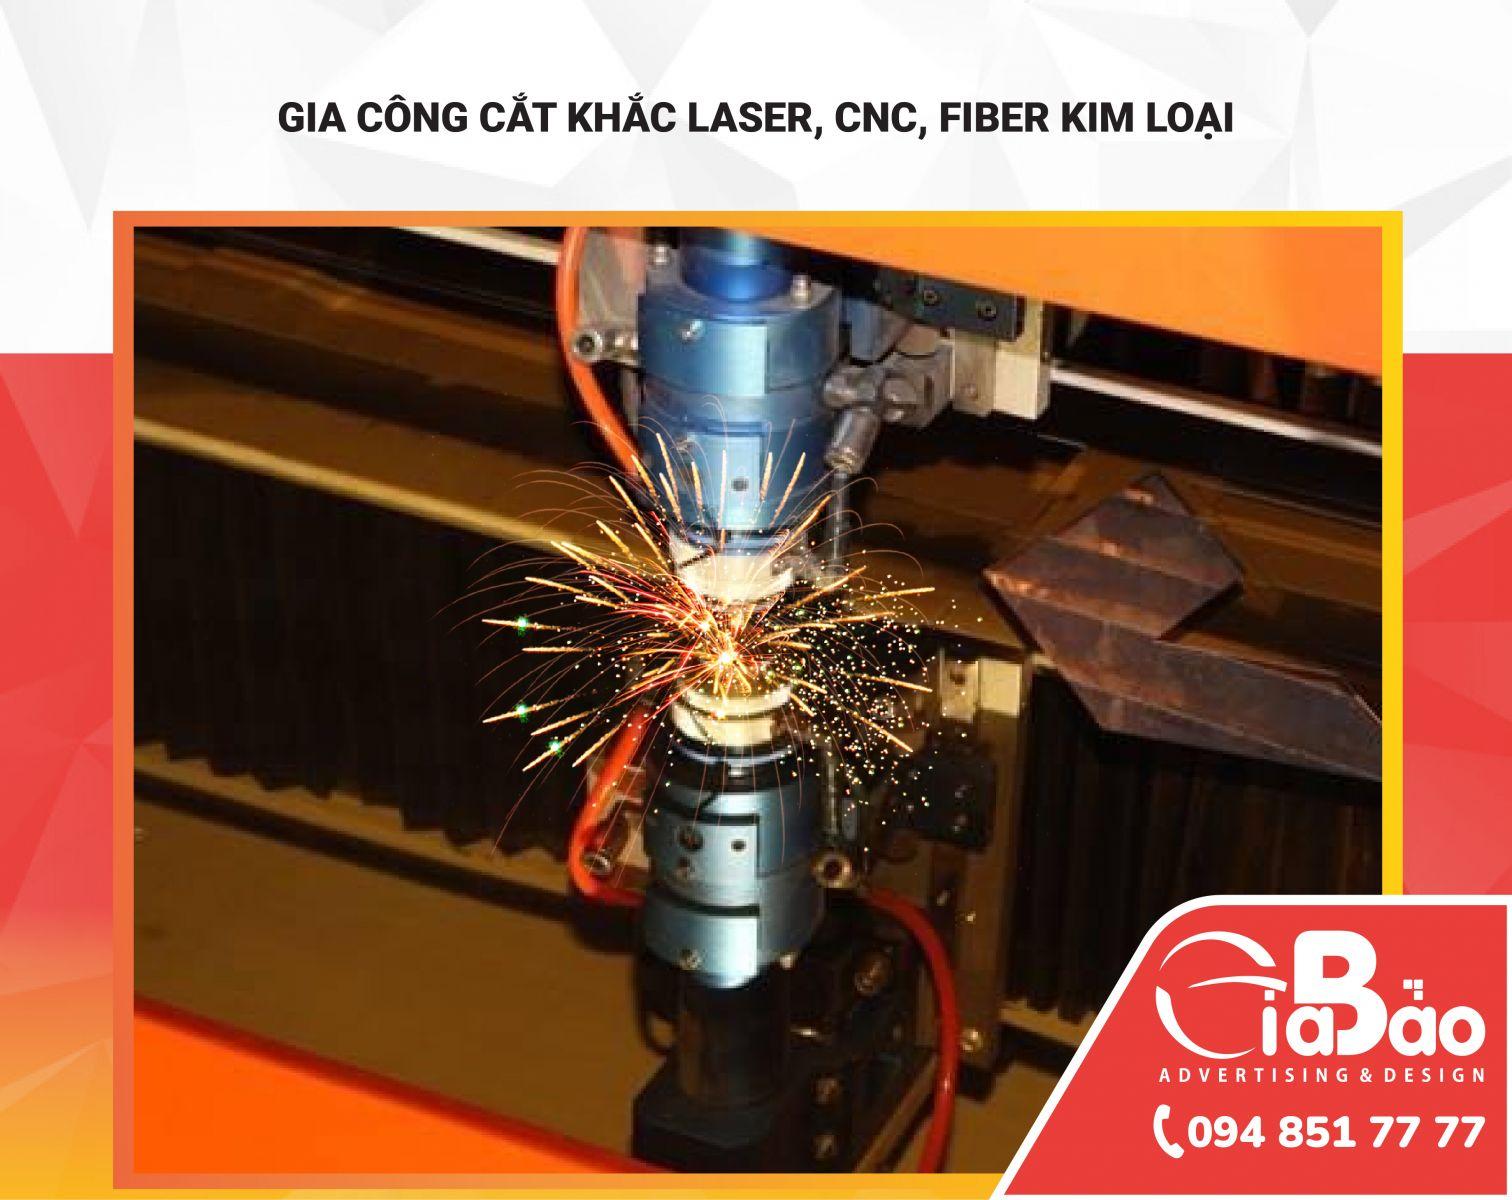 Gia công cắt khắc Laser, CNC, Fiber tại Đăk Lăk - Đăk Nông